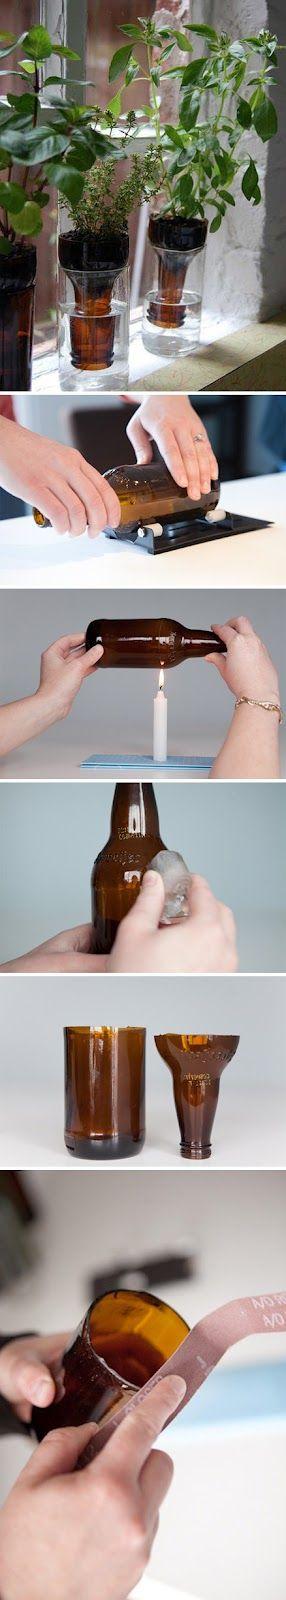 Jarrones con botellas/ With bottles